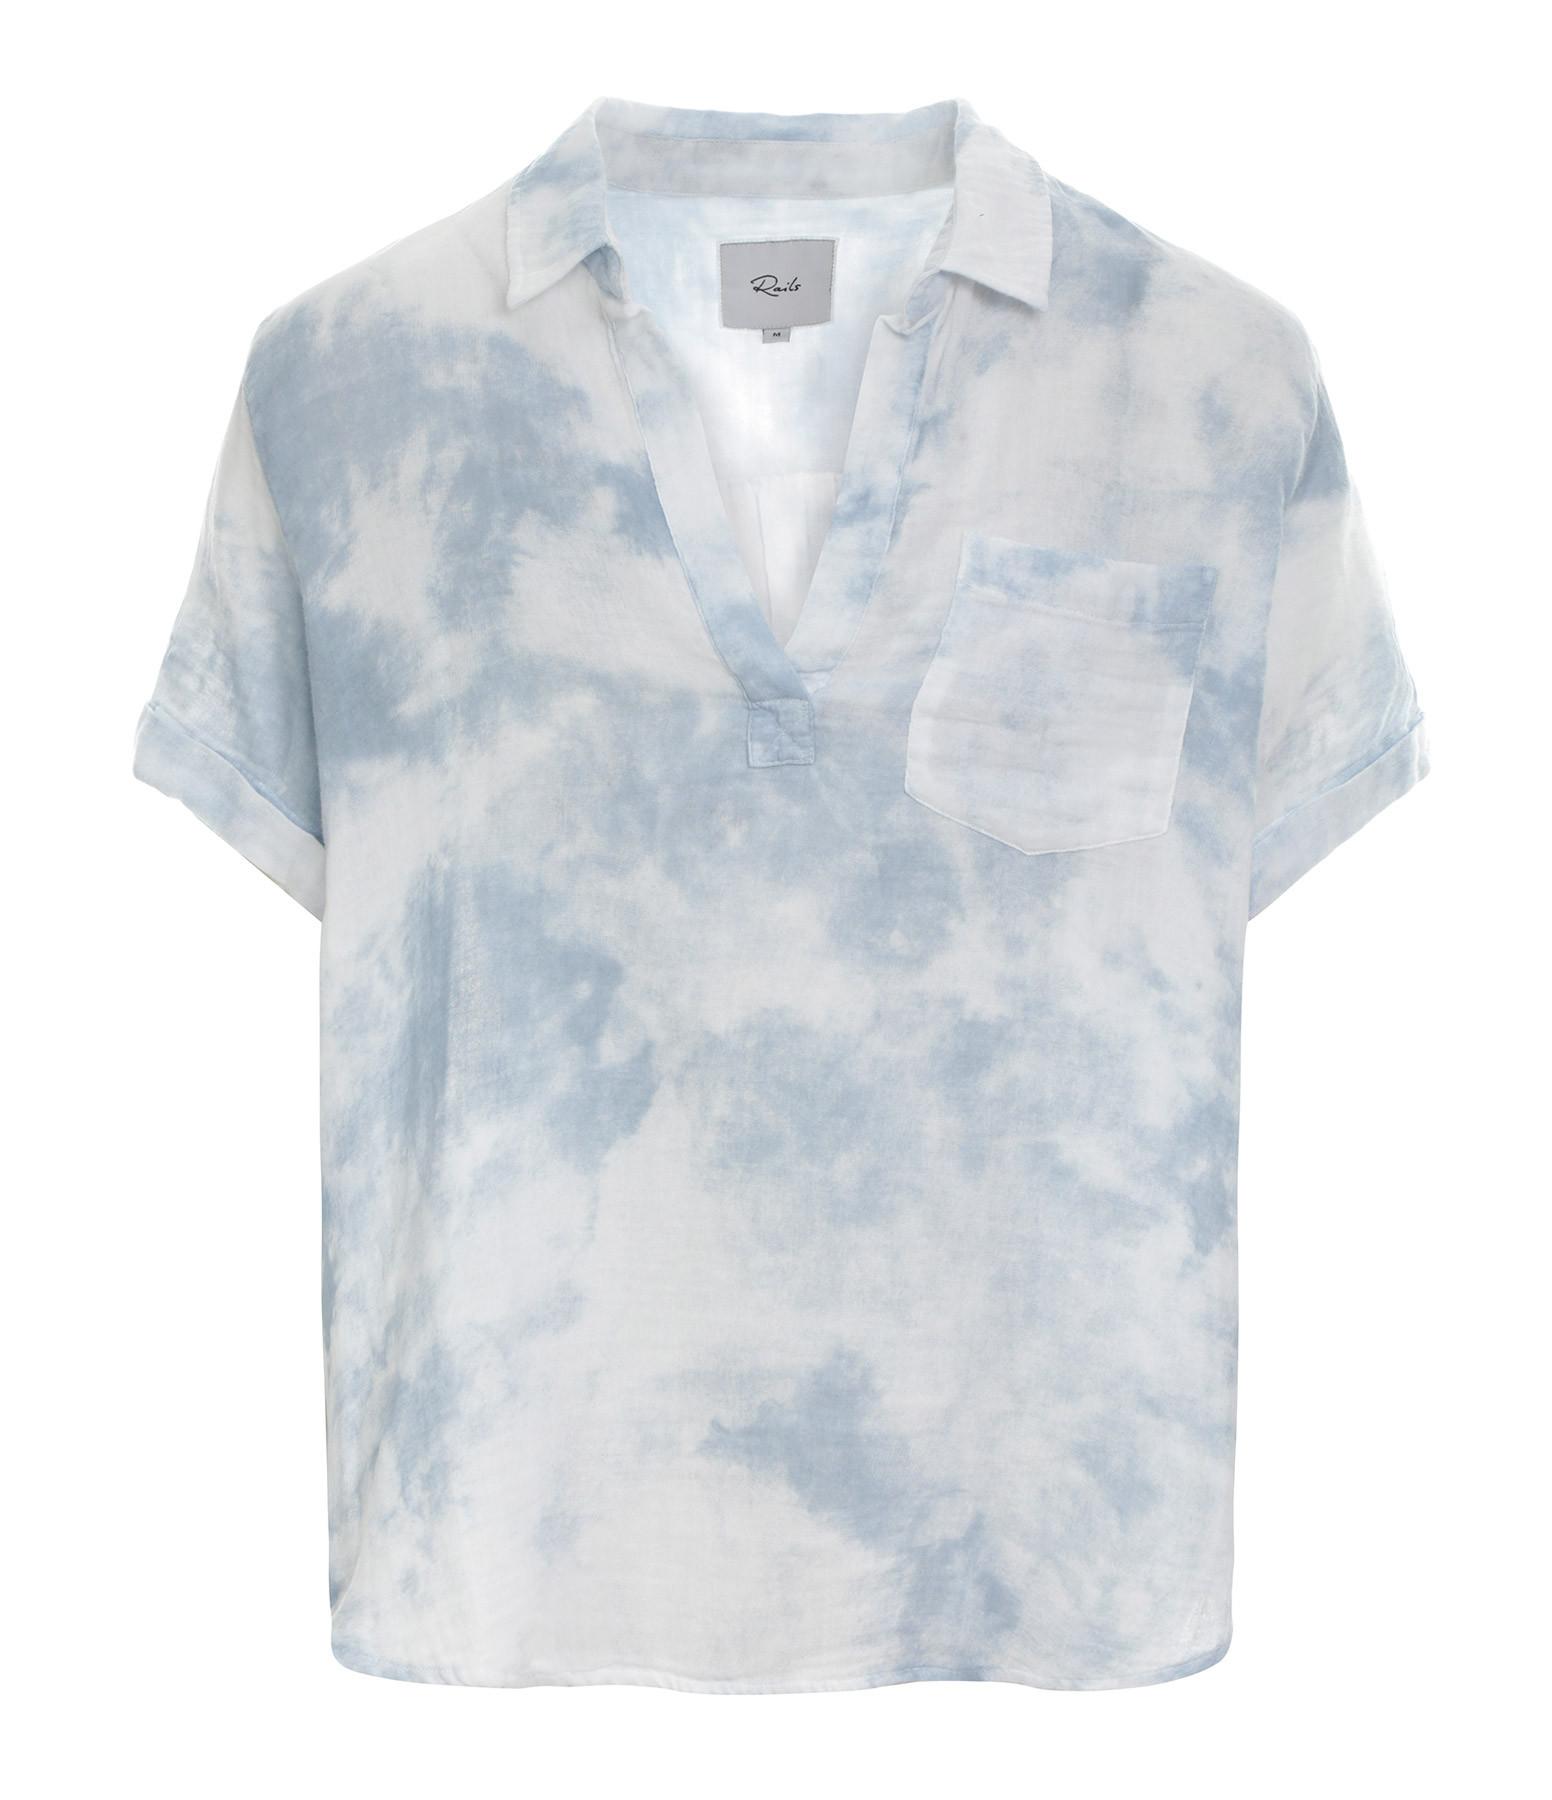 RAILS - Chemise Savannah Coton Tie and Dye Bleu